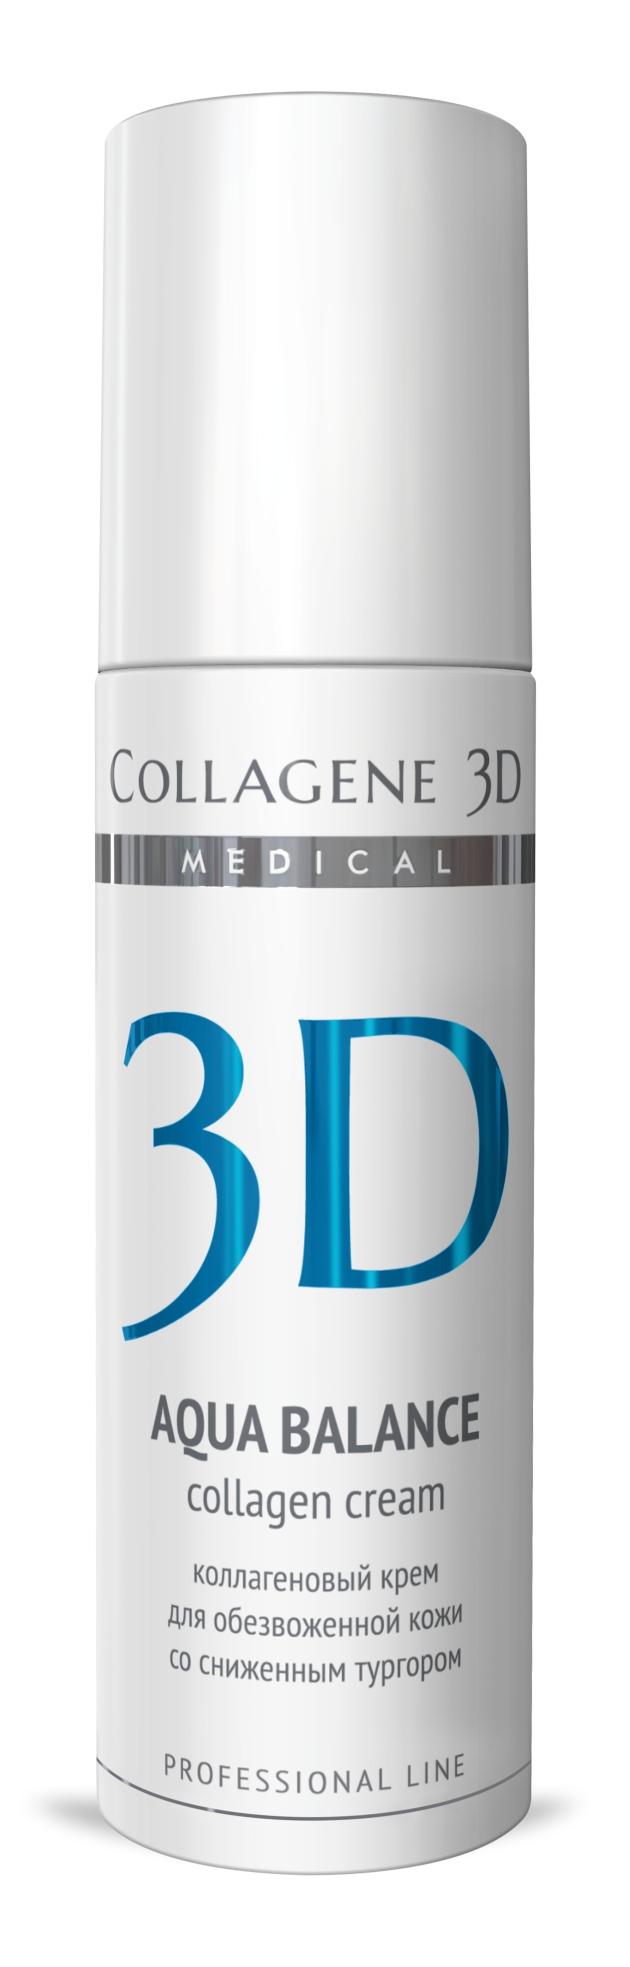 MEDICAL COLLAGENE 3D Крем с коллагеном и гиалуроновой кислотой для лица Aqua Balance 150мл проф.Кремы<br>Легкая нежирная текстура крема быстро впитывается, служит прекрасной основой под макияж. Нативный коллаген и гиалуроновая кислота способствуют омоложению и разглаживанию морщин изнутри, натуральные масла оливы и персика питают, увлажняют, обеспечивают естественную защиту, пантенол способствует заживлению и обновлению кожи, витамины А и Е   мощные липофильные антиоксиданты. Активные ингредиенты: нативный трехспиральный коллаген, гиалуроновая кислота, масло оливы, персиковое масло, пантенол, витамин А, витамин Е. Способ применения: нанести тонким слоем на предварительно очищенную кожу лица, шеи и область декольте. Кремы рекомендуются как для экспресс-процедур, так и для курсового применения. Курсовое применение: 8-10 процедур. Проводить по 1 процедуре ежедневно или через день. Поддерживающие процедуры следует проводить 1 раз в неделю.<br><br>Вид средства для лица: Легкий<br>Типы кожи: Сухая и обезвоженная<br>Назначение: Морщины<br>Консистенция: Нежирная